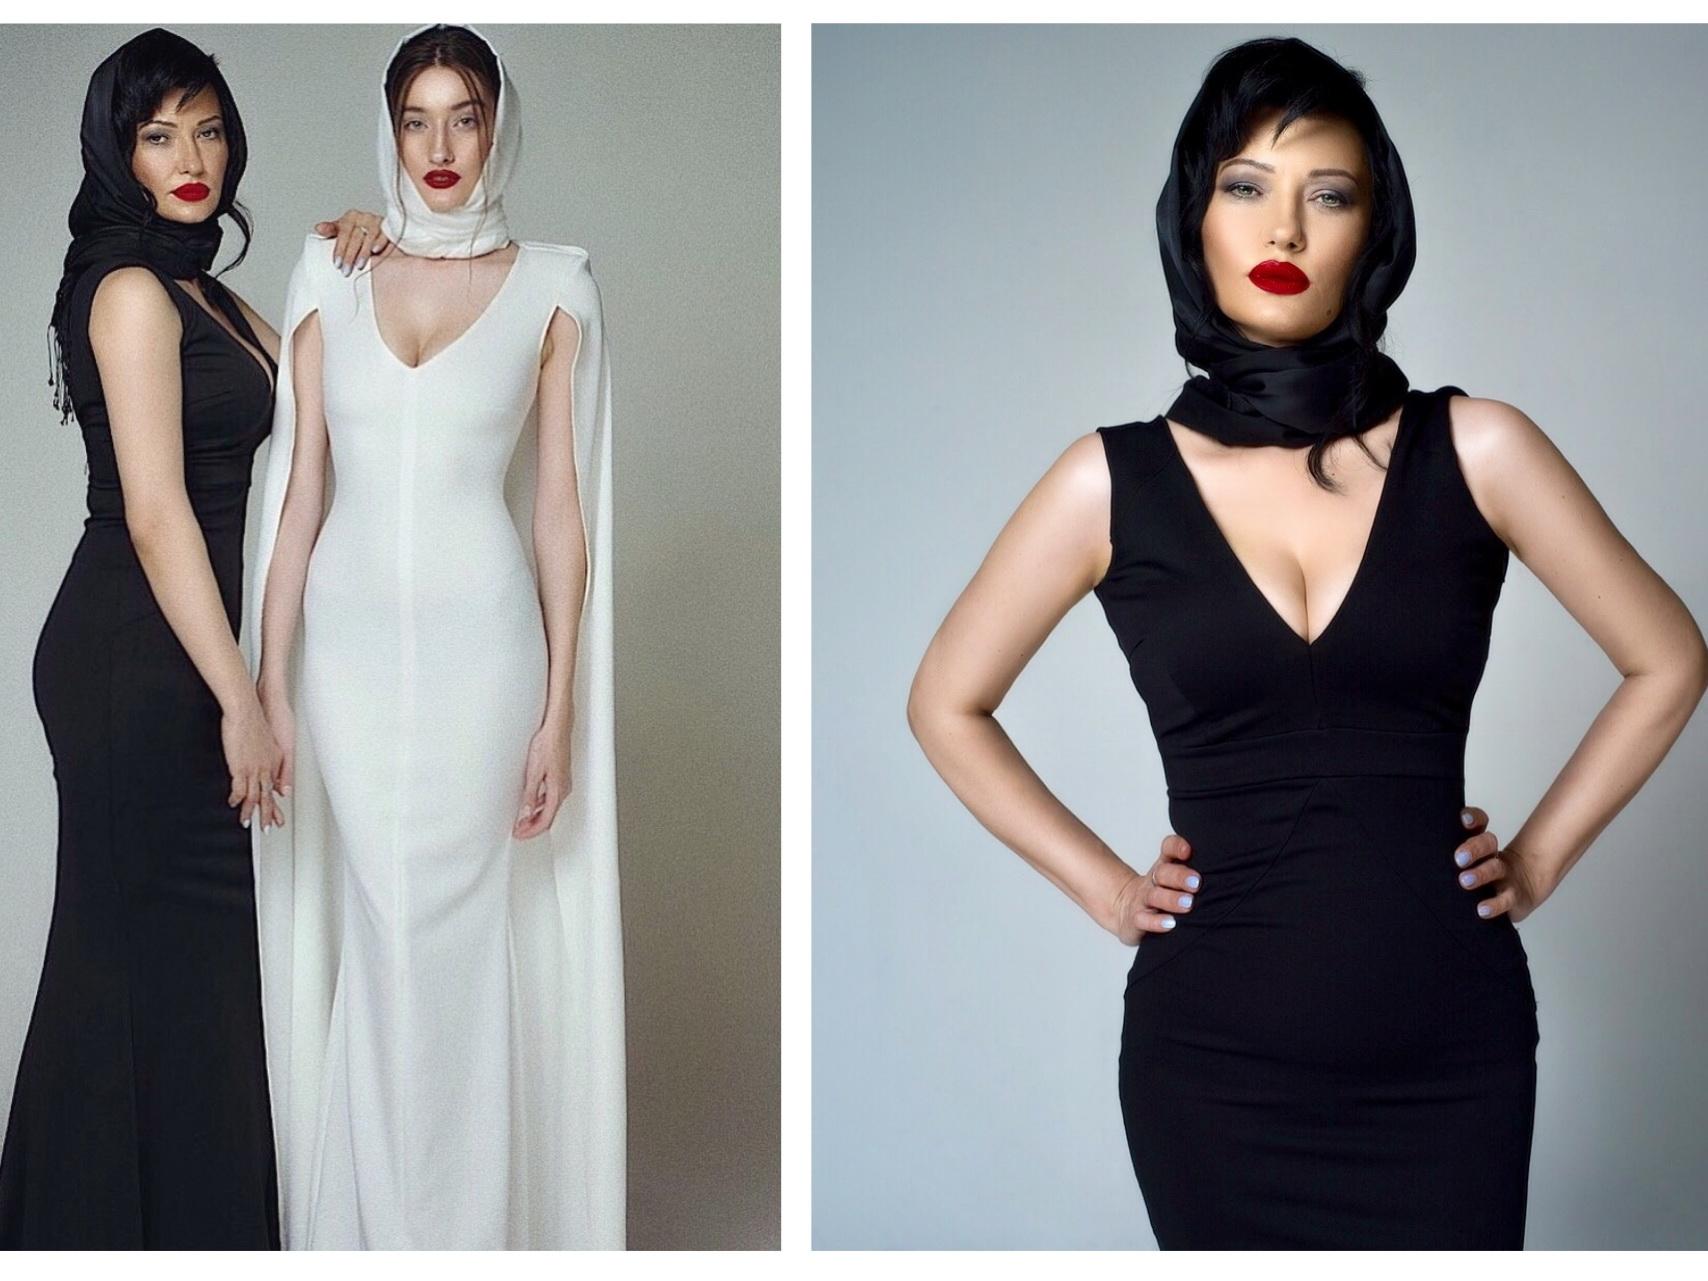 Словно сестры: Новая фотосессия модели Рашиды Сулеймановой и ее красавицы-мамы - ФОТО